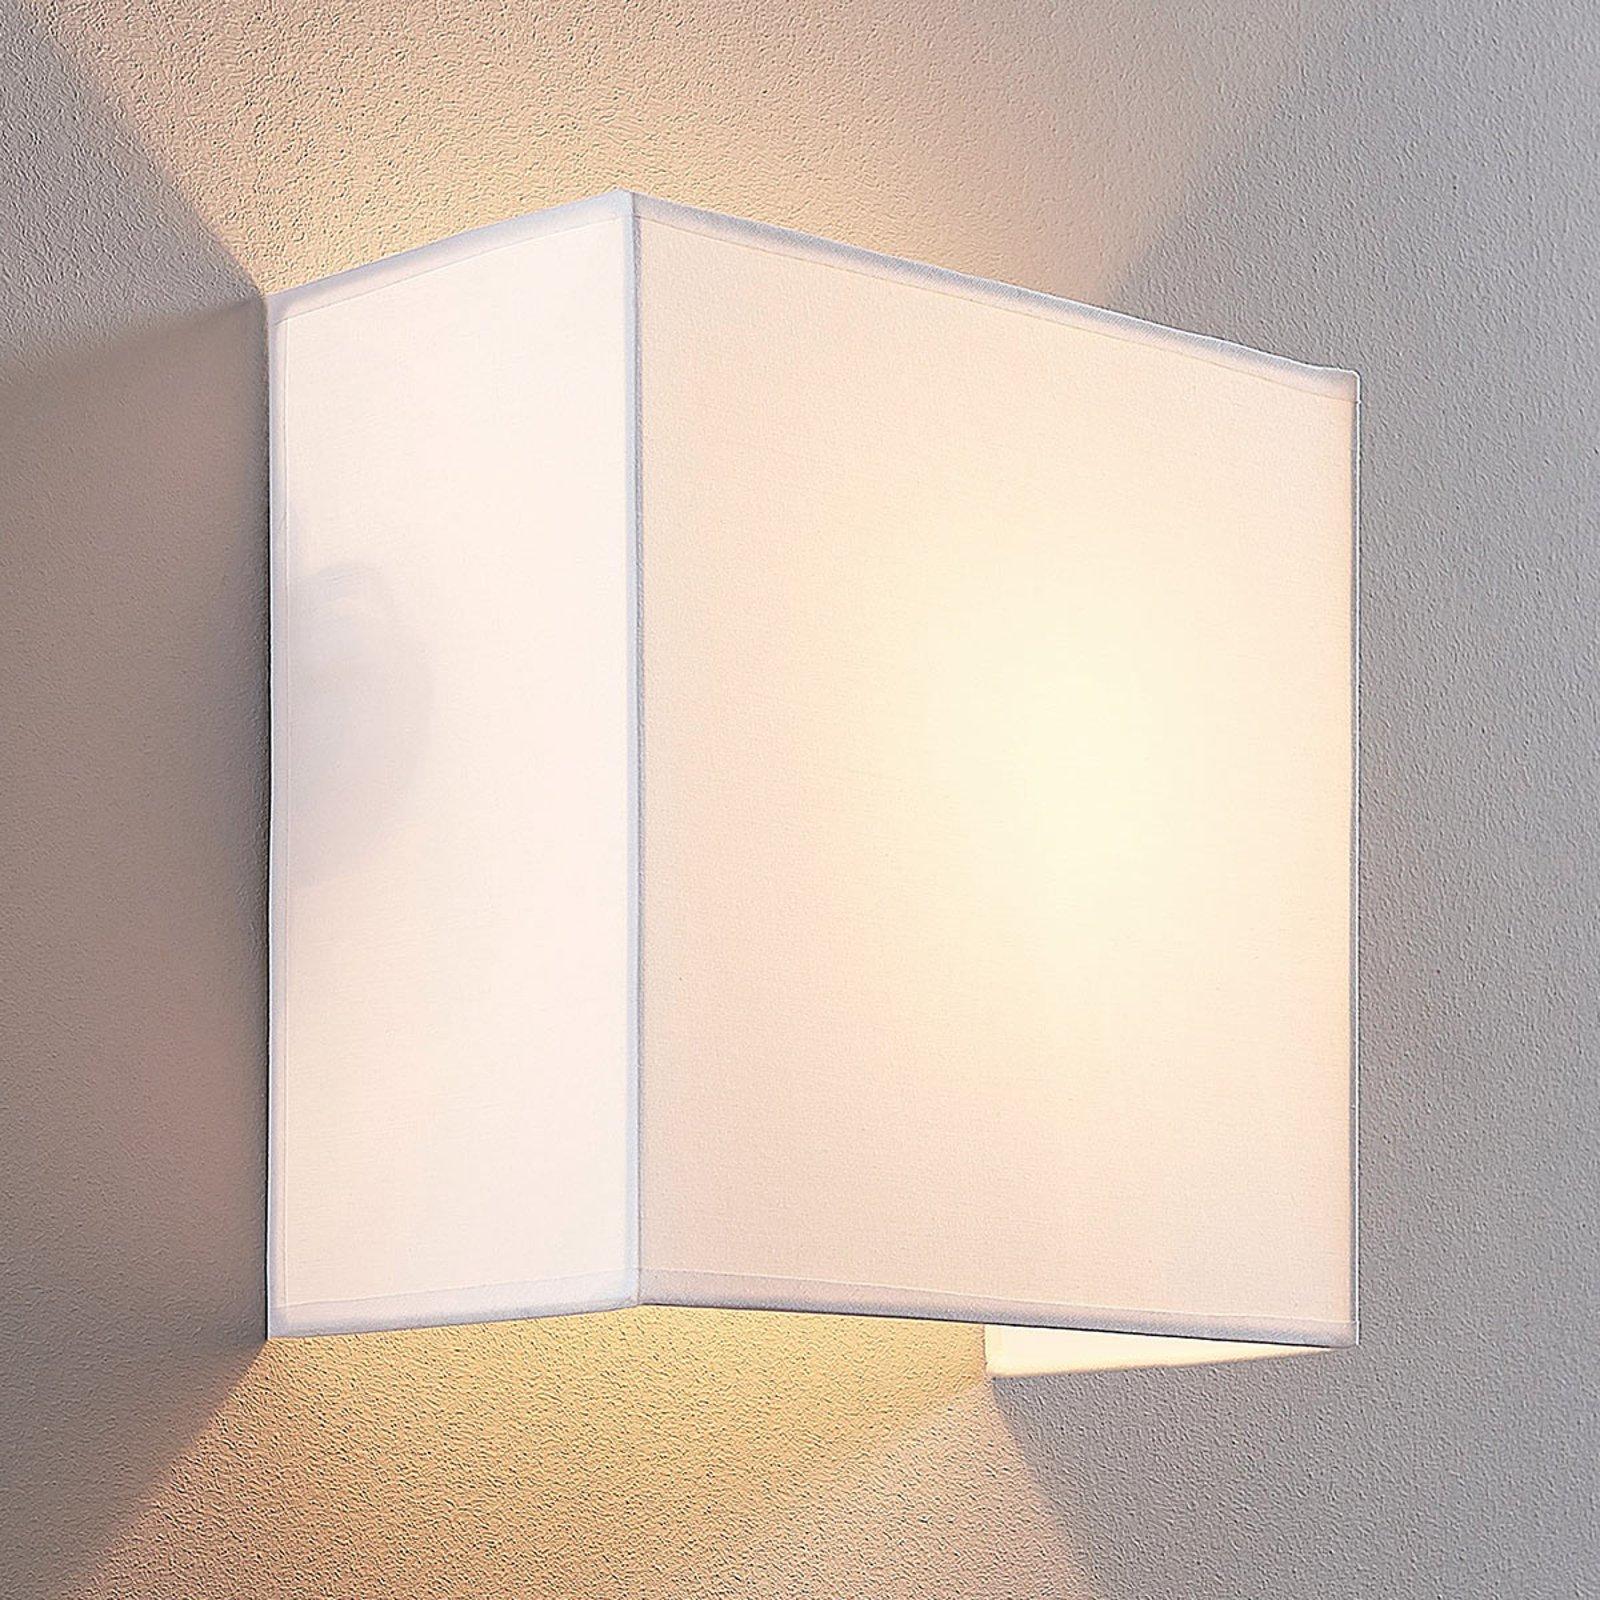 Adea stoff-vegglampe, 25 cm, kvadratisk, hvit